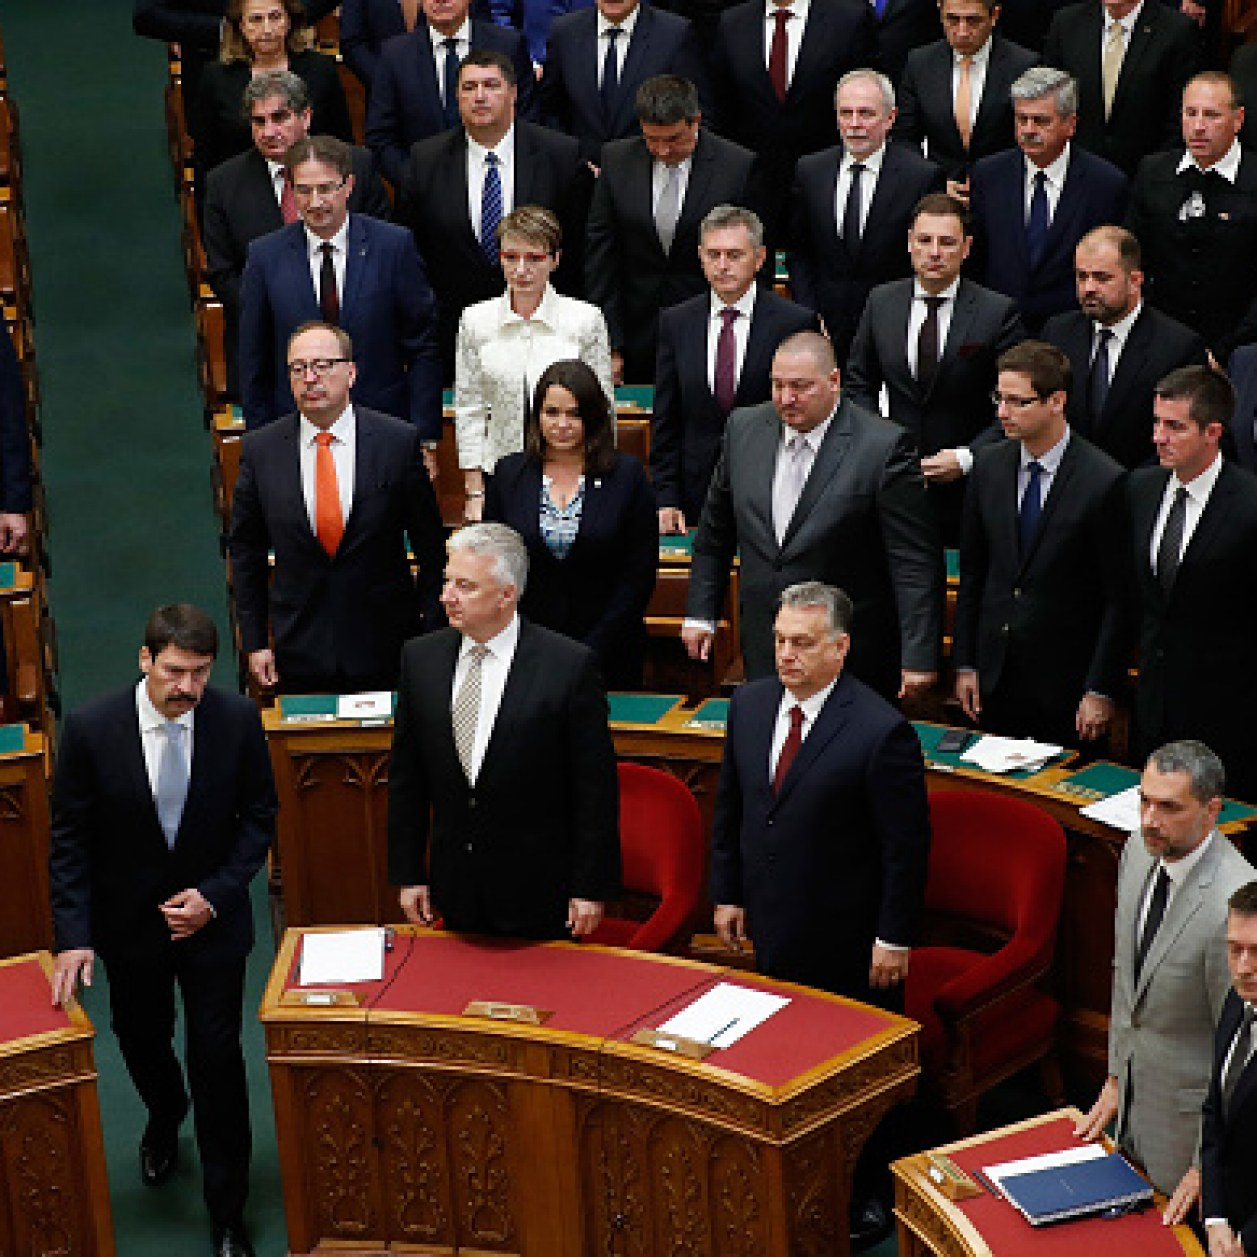 Les propos homophobes du président du Parlement hongrois créent la polémique